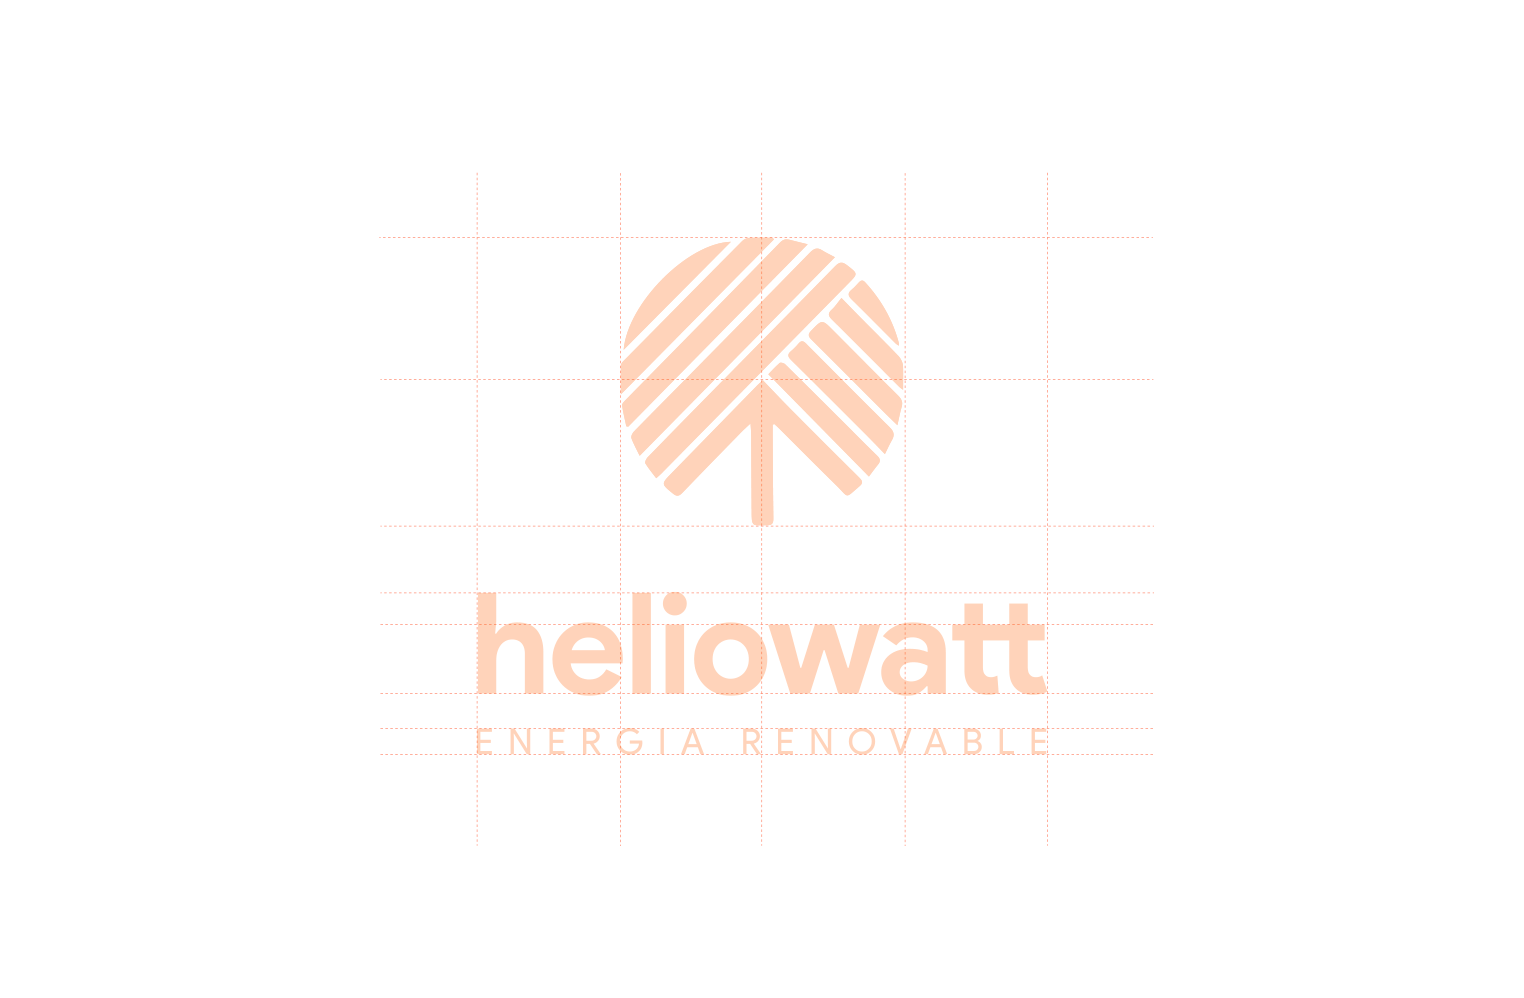 construcción logo heliowatt